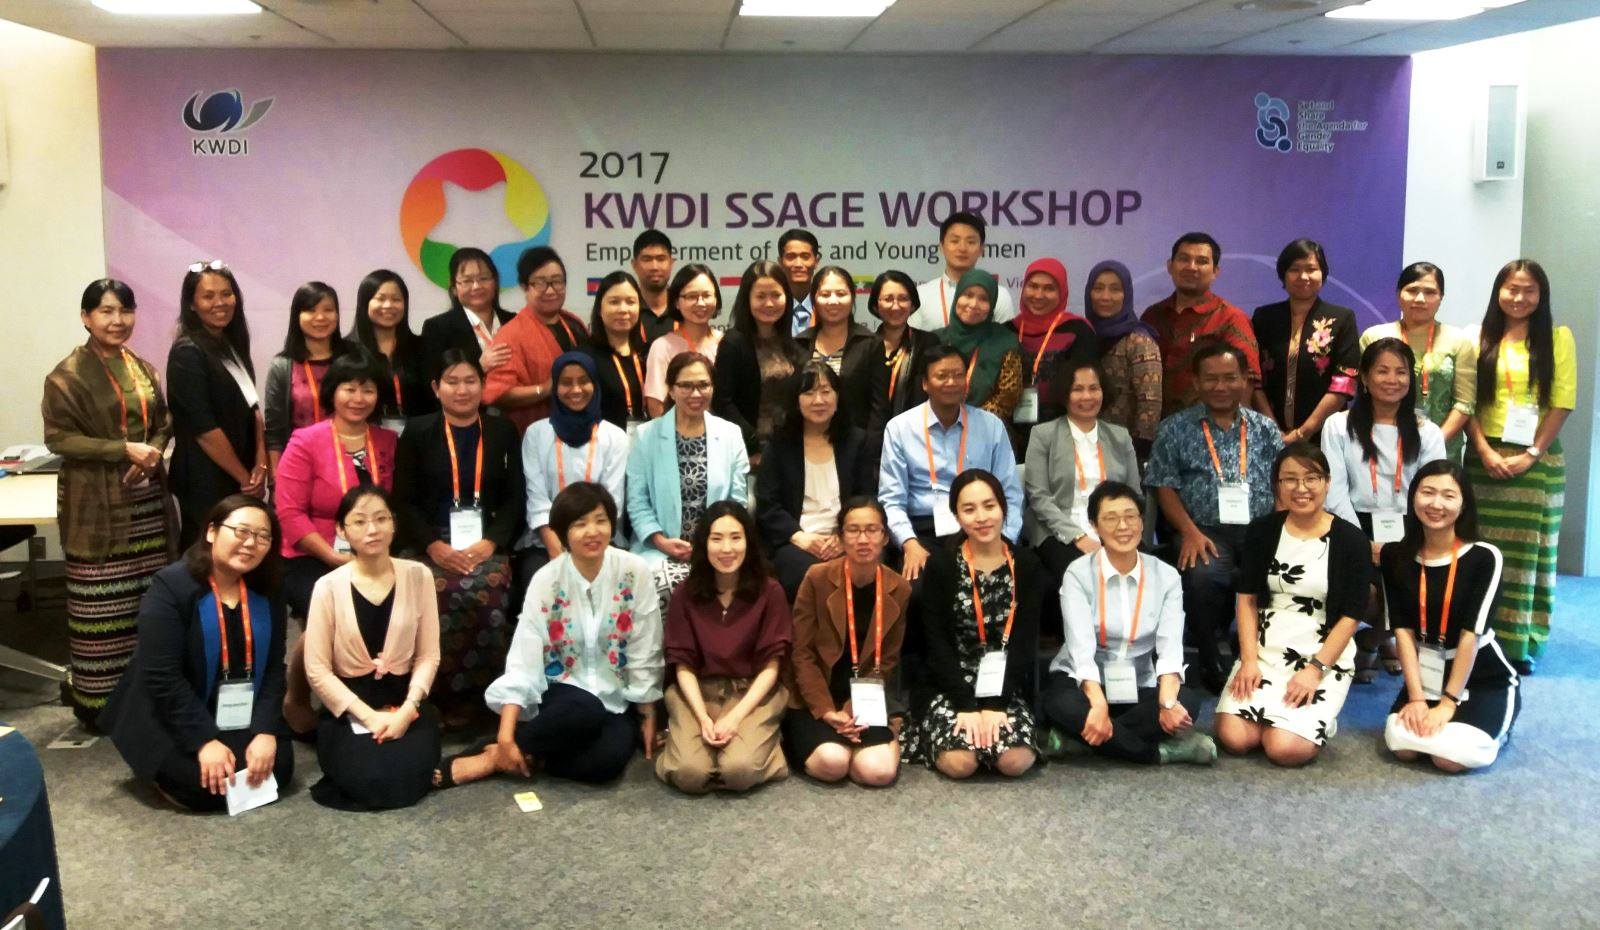 Hội thảo Thiết lập và Chia sẻ Chương trình nghị sự về Bình đẳng giới (SSAGE) 2017  tại  Seoul, Hàn Quốc